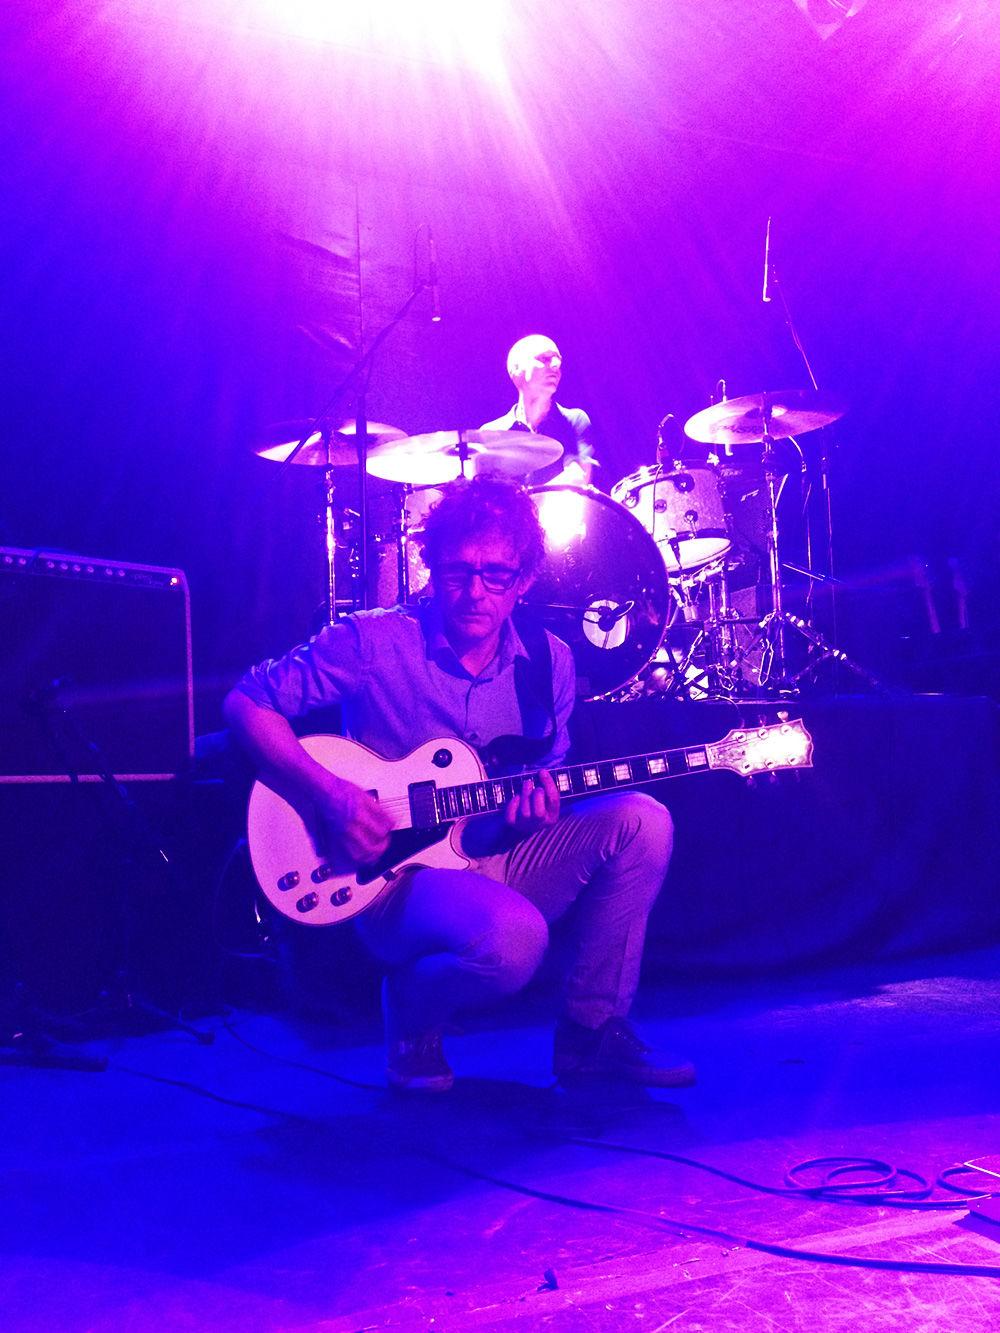 Dean Wareham at The Bowery Ballroom (Photo: Joakim)